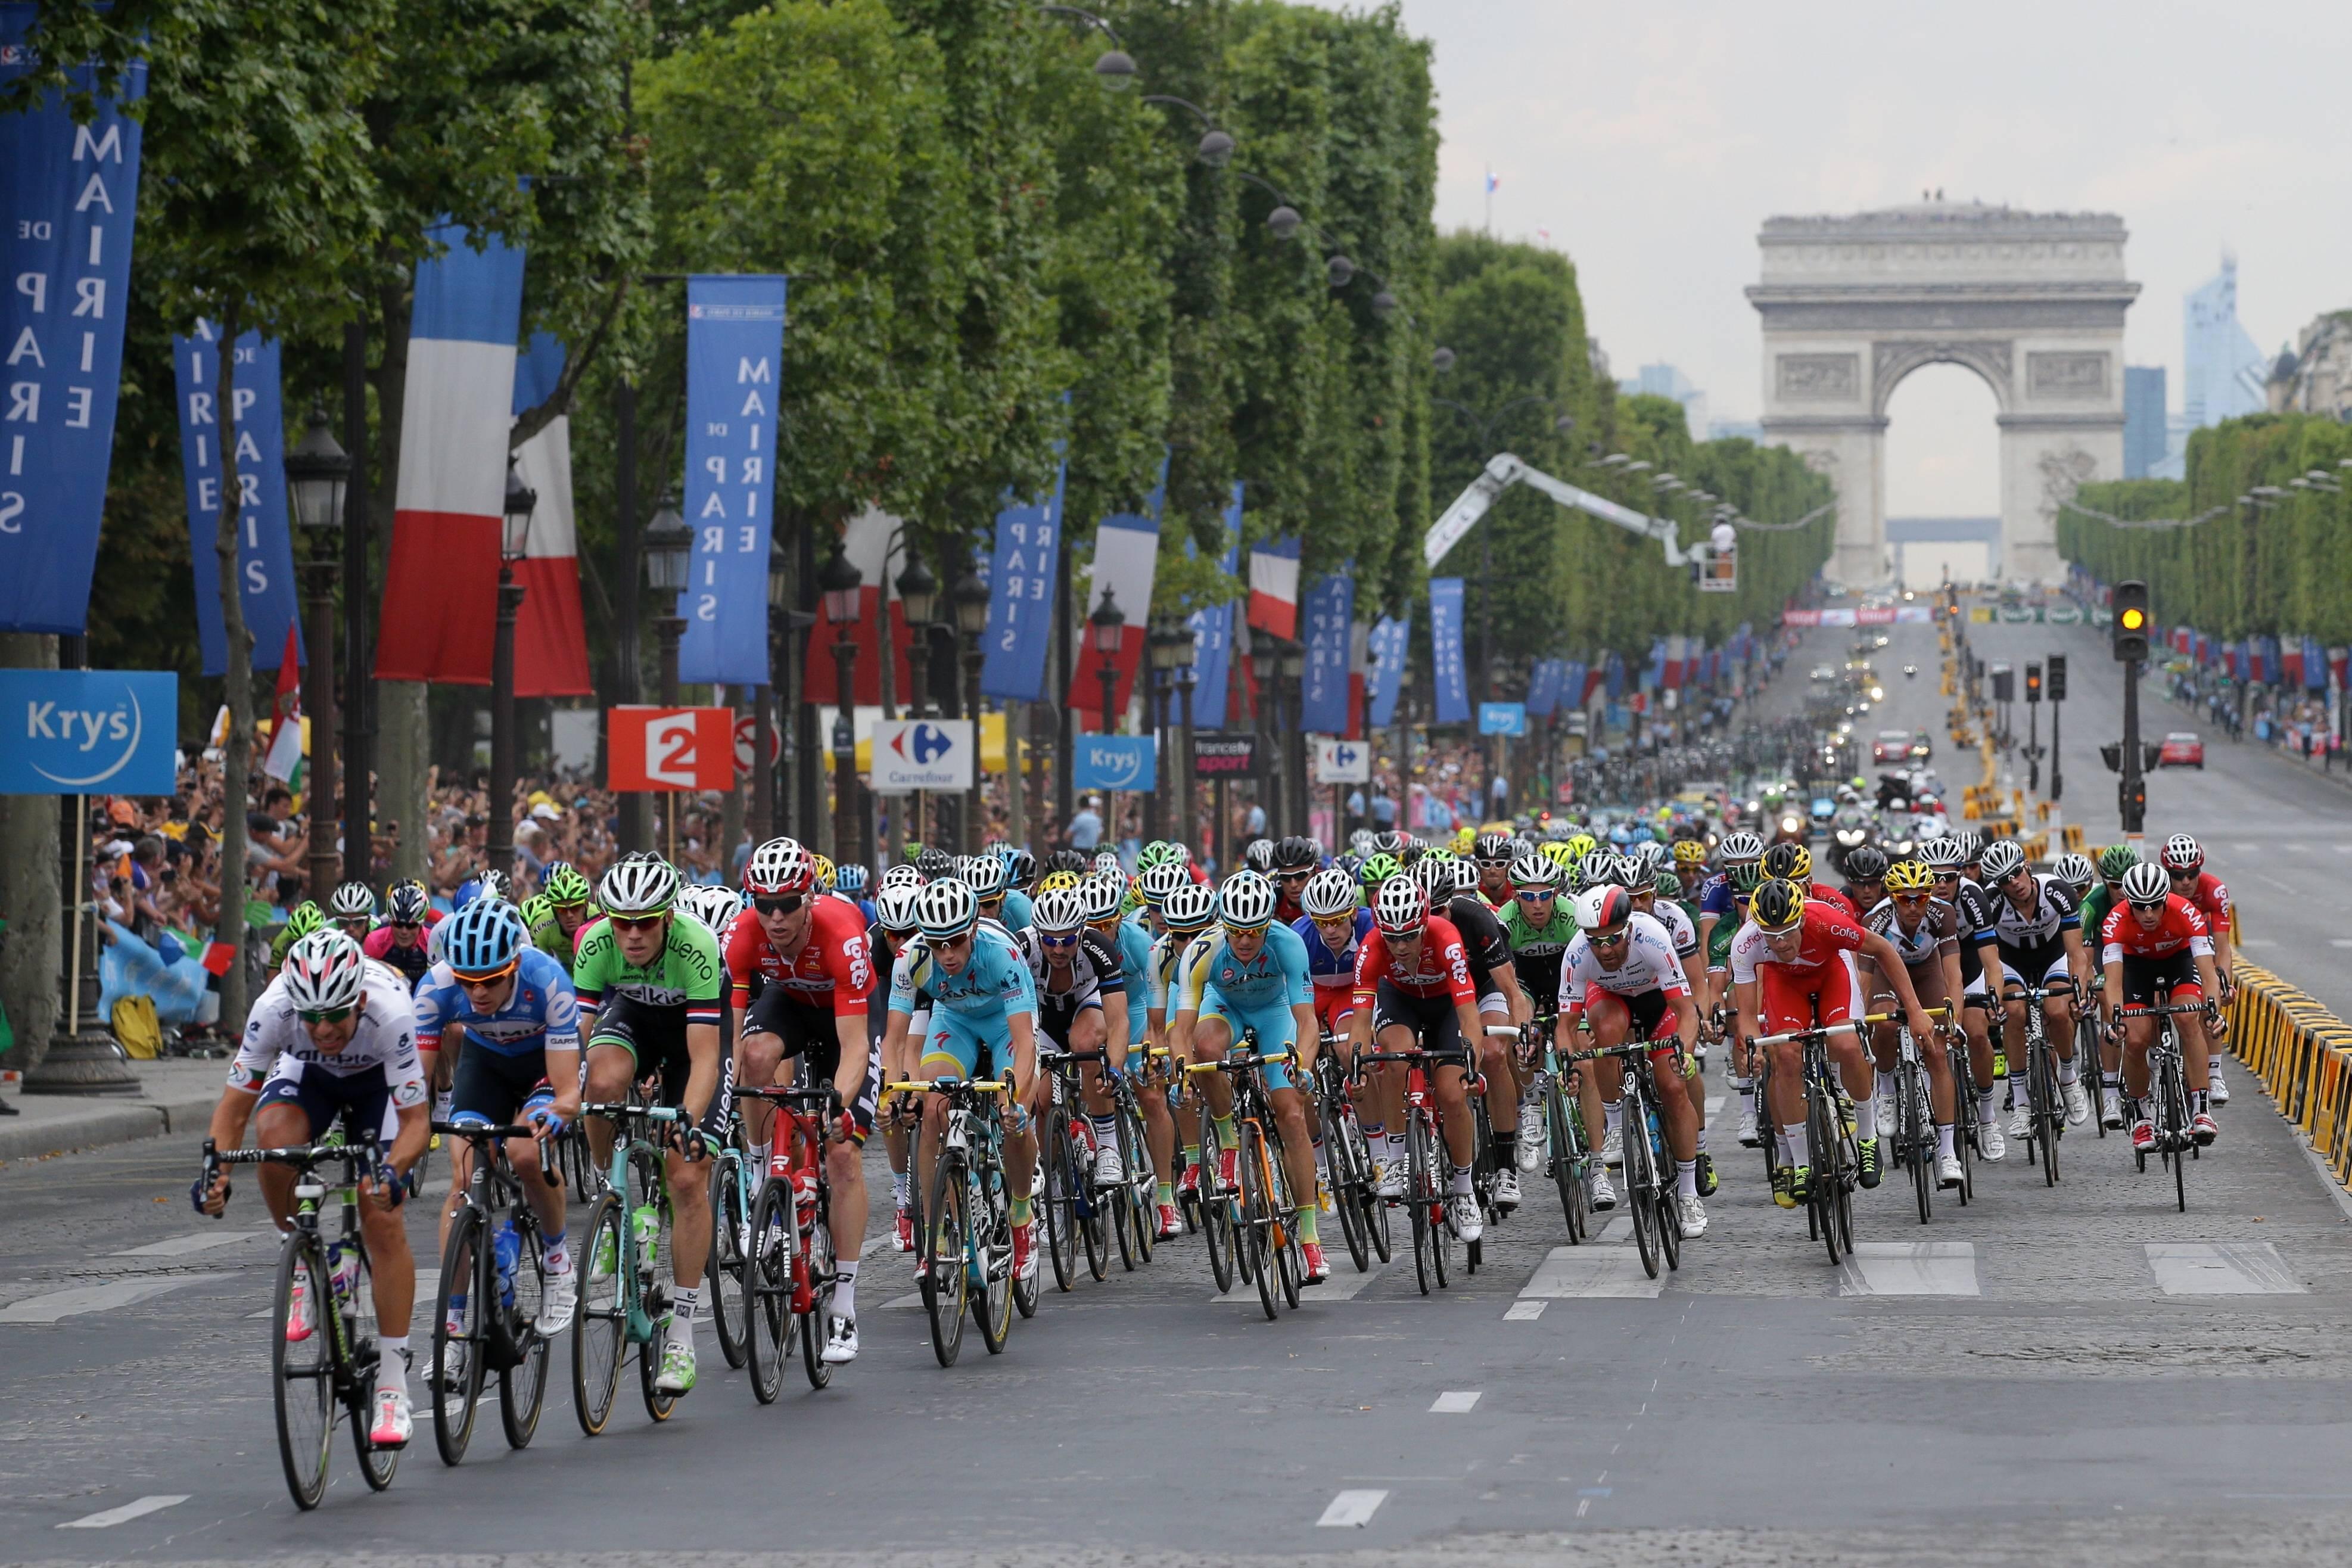 Cyclisme - Tour de France - Tour de France 2016 : le GIGN pourrait renforcer la sécurité